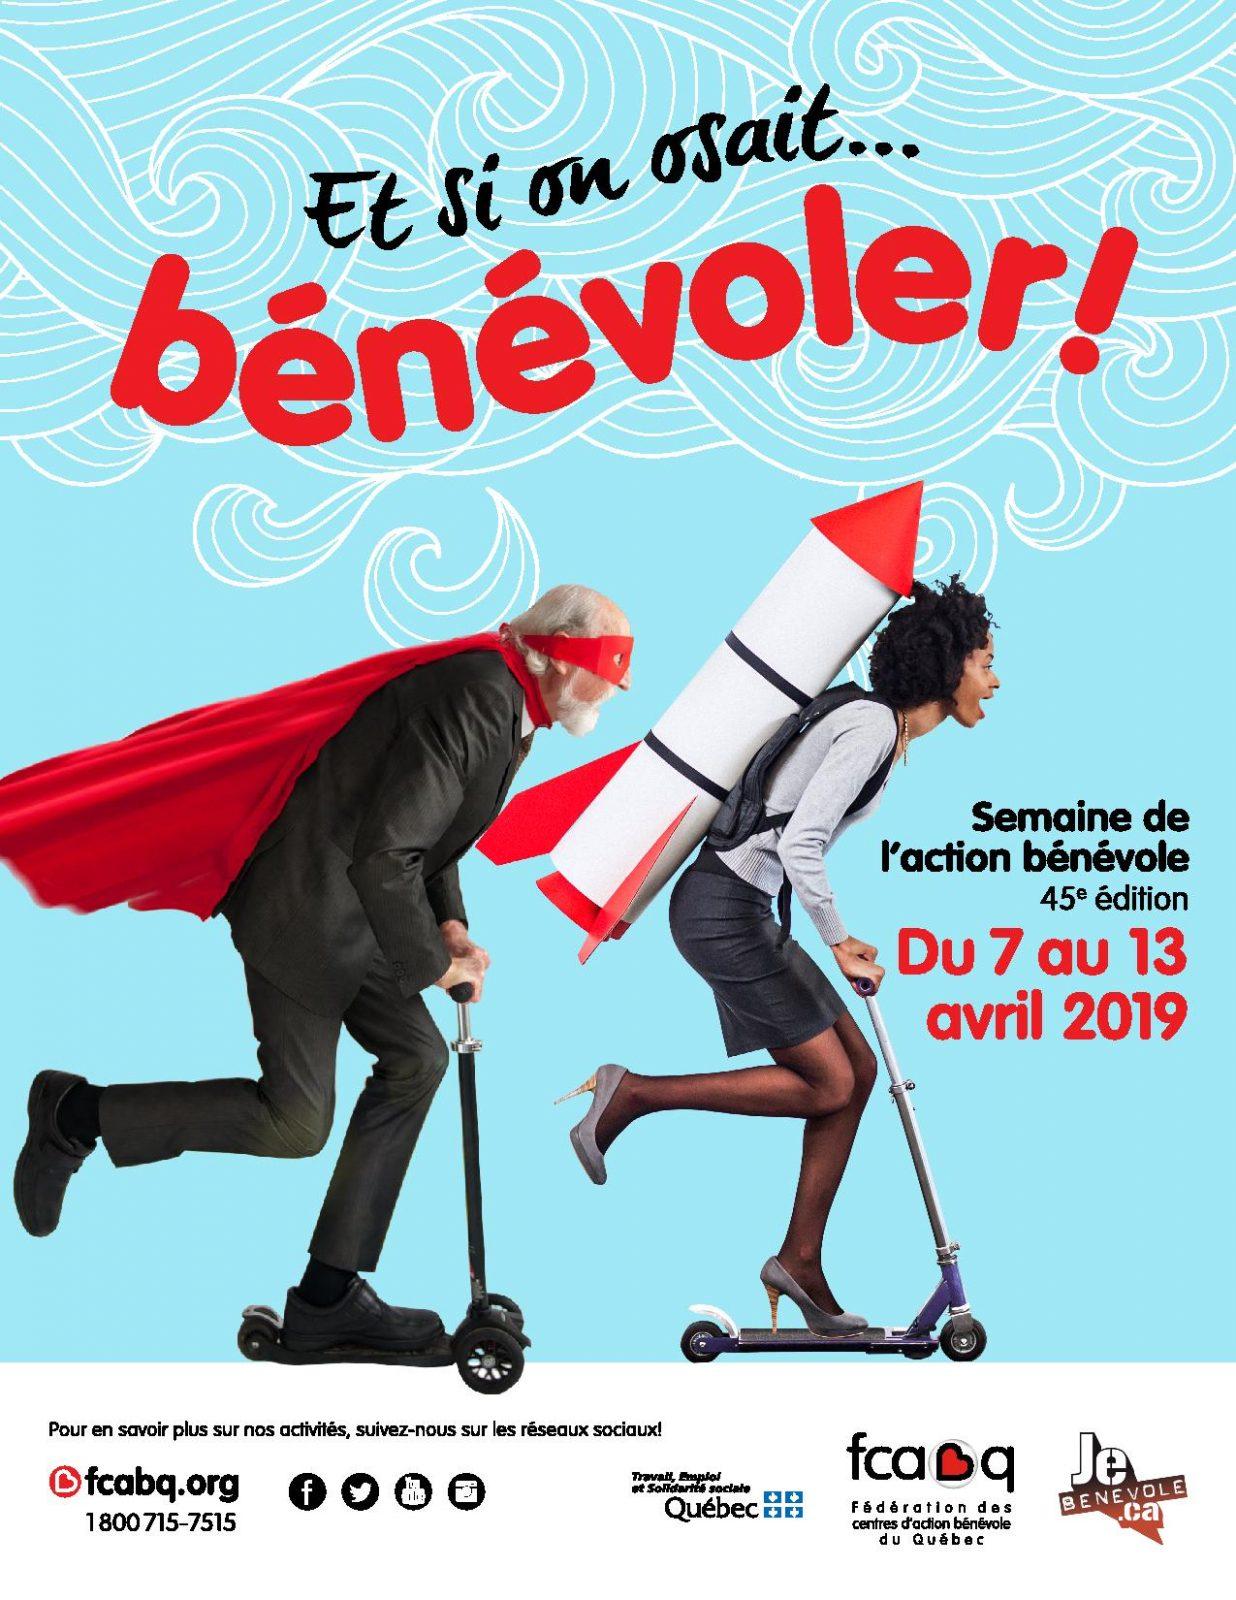 La Ville de Boucherville souligne l'apport des bénévoles au sein de sa communauté!